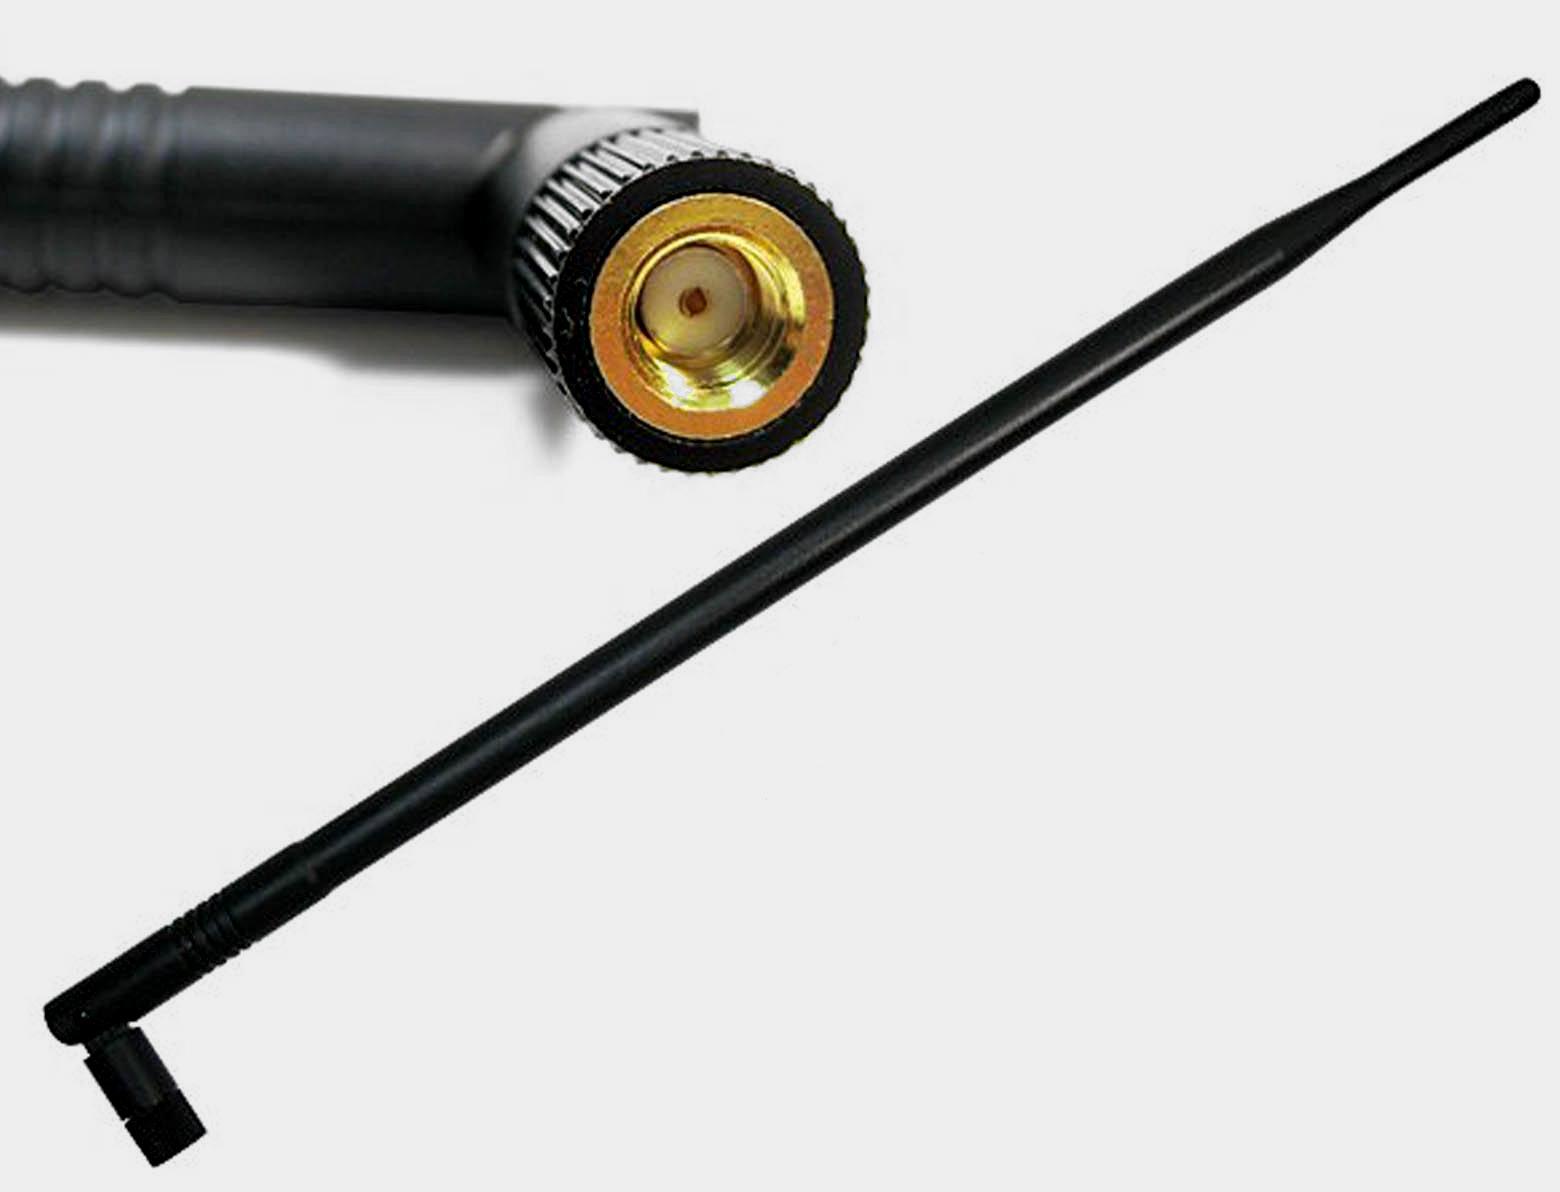 антенна, которая будет хорошо усиливать сигнал роутера